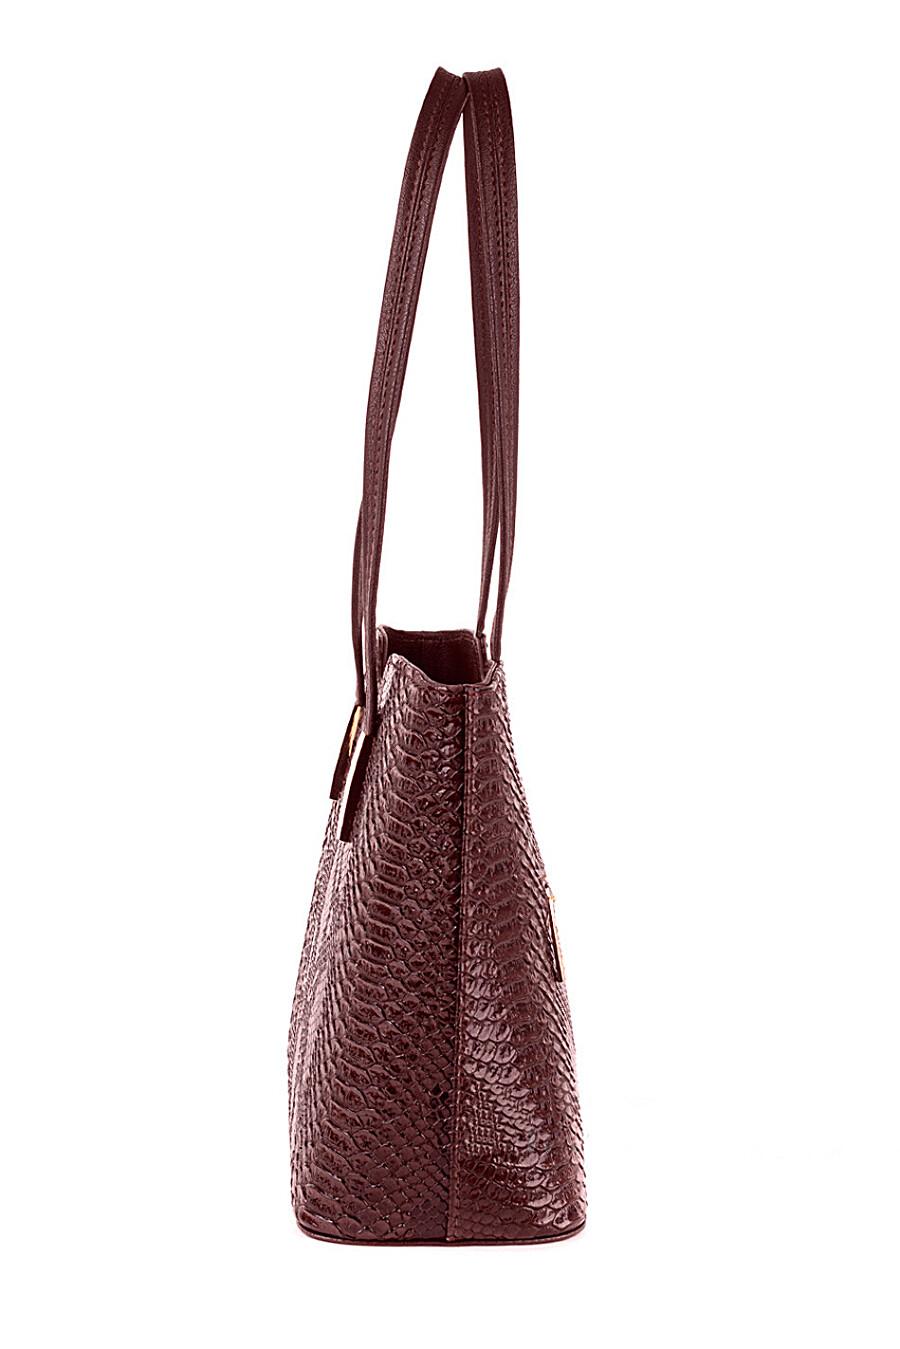 Сумка для женщин L-CRAFT 260436 купить оптом от производителя. Совместная покупка женской одежды в OptMoyo